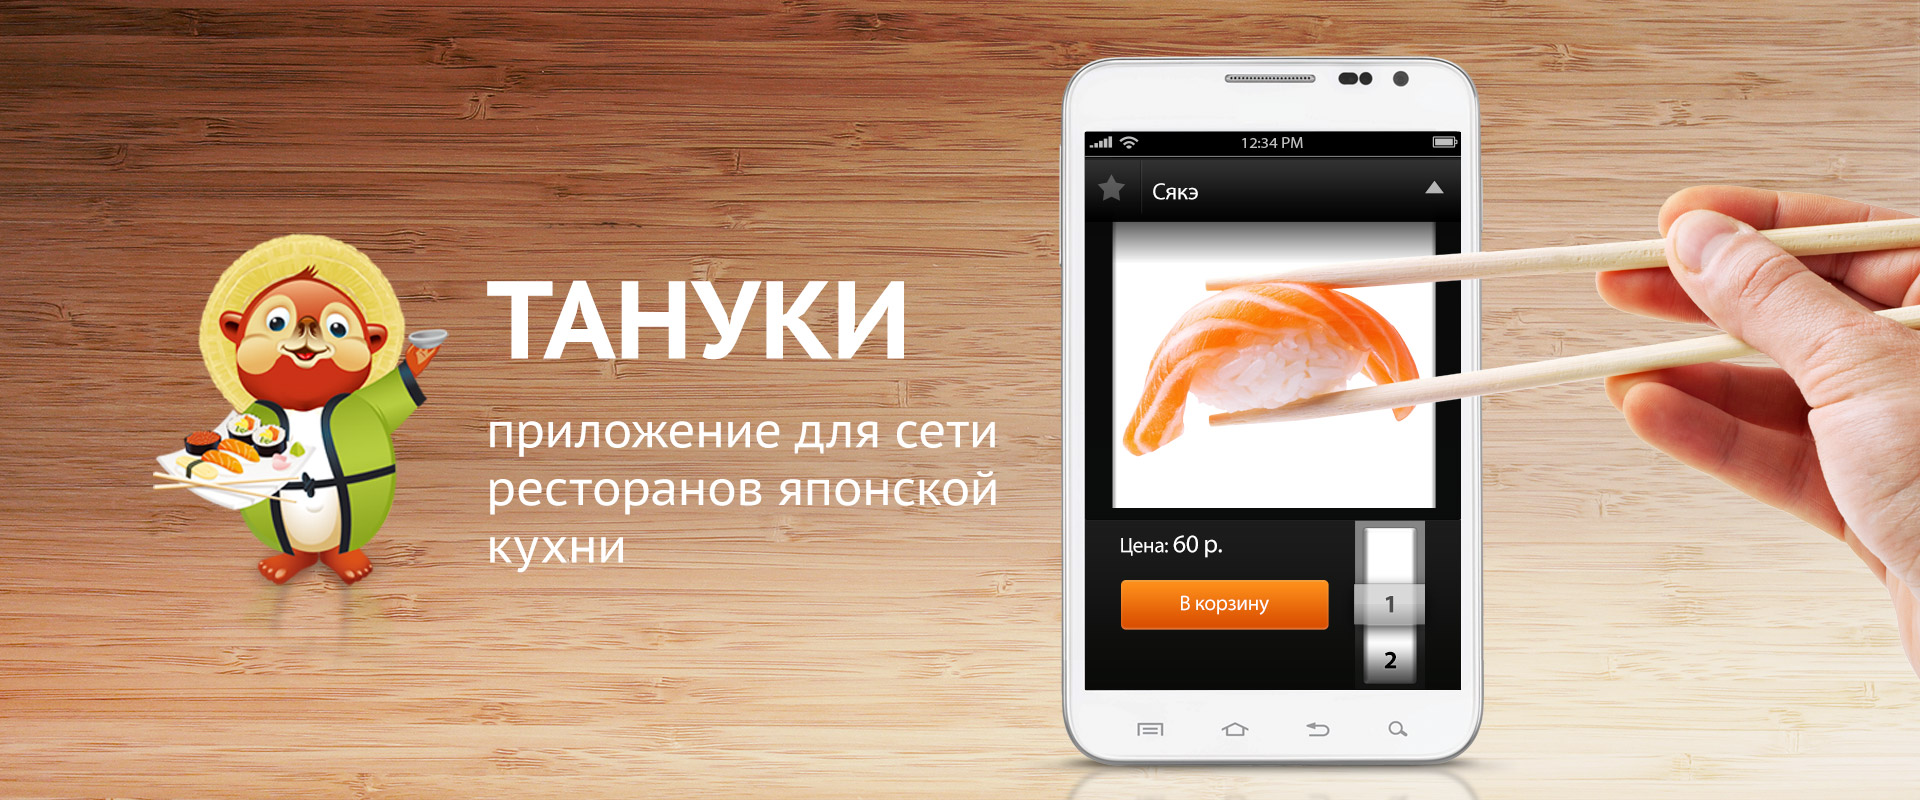 slide_app_tanuki1_ru